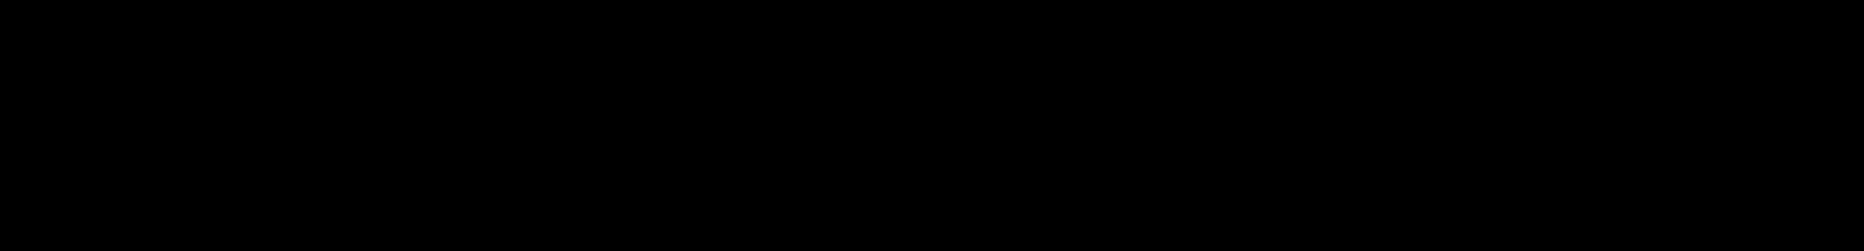 Hotline Icons